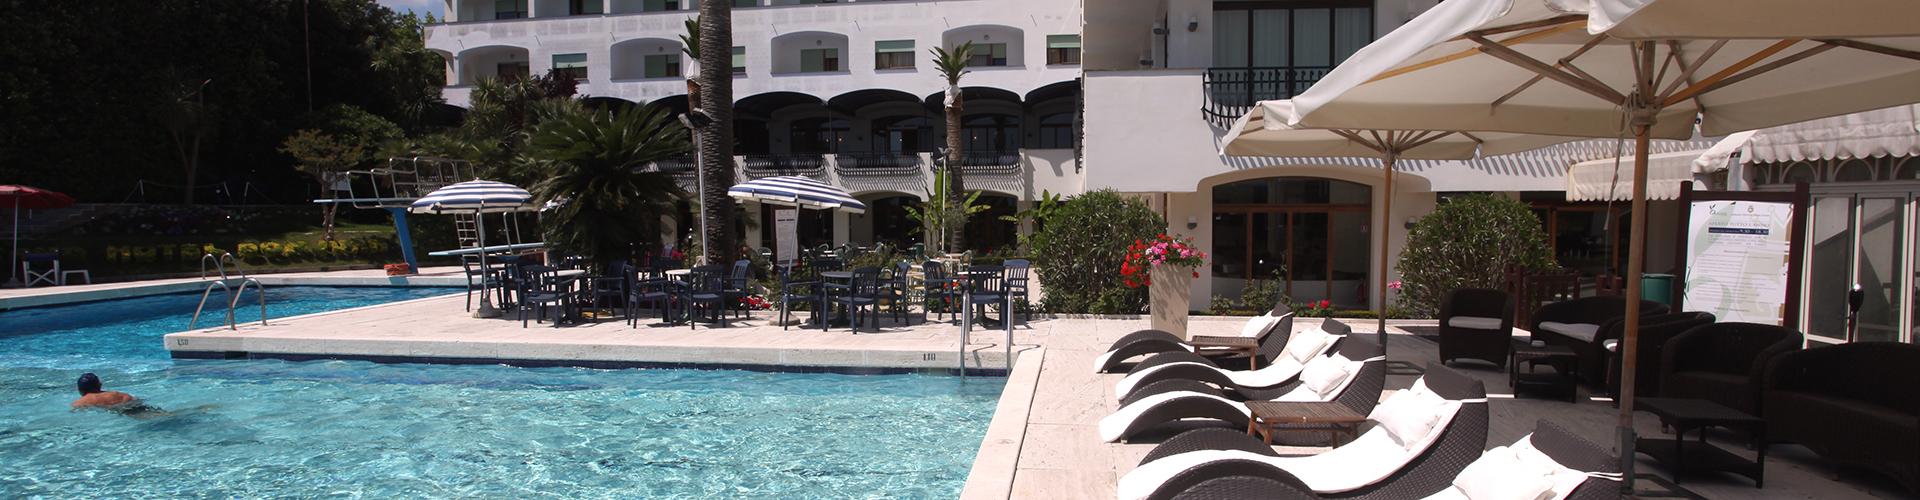 Grand Hotel Don Juan. Giulianova (Italia). Vista del edificio y la piscina.